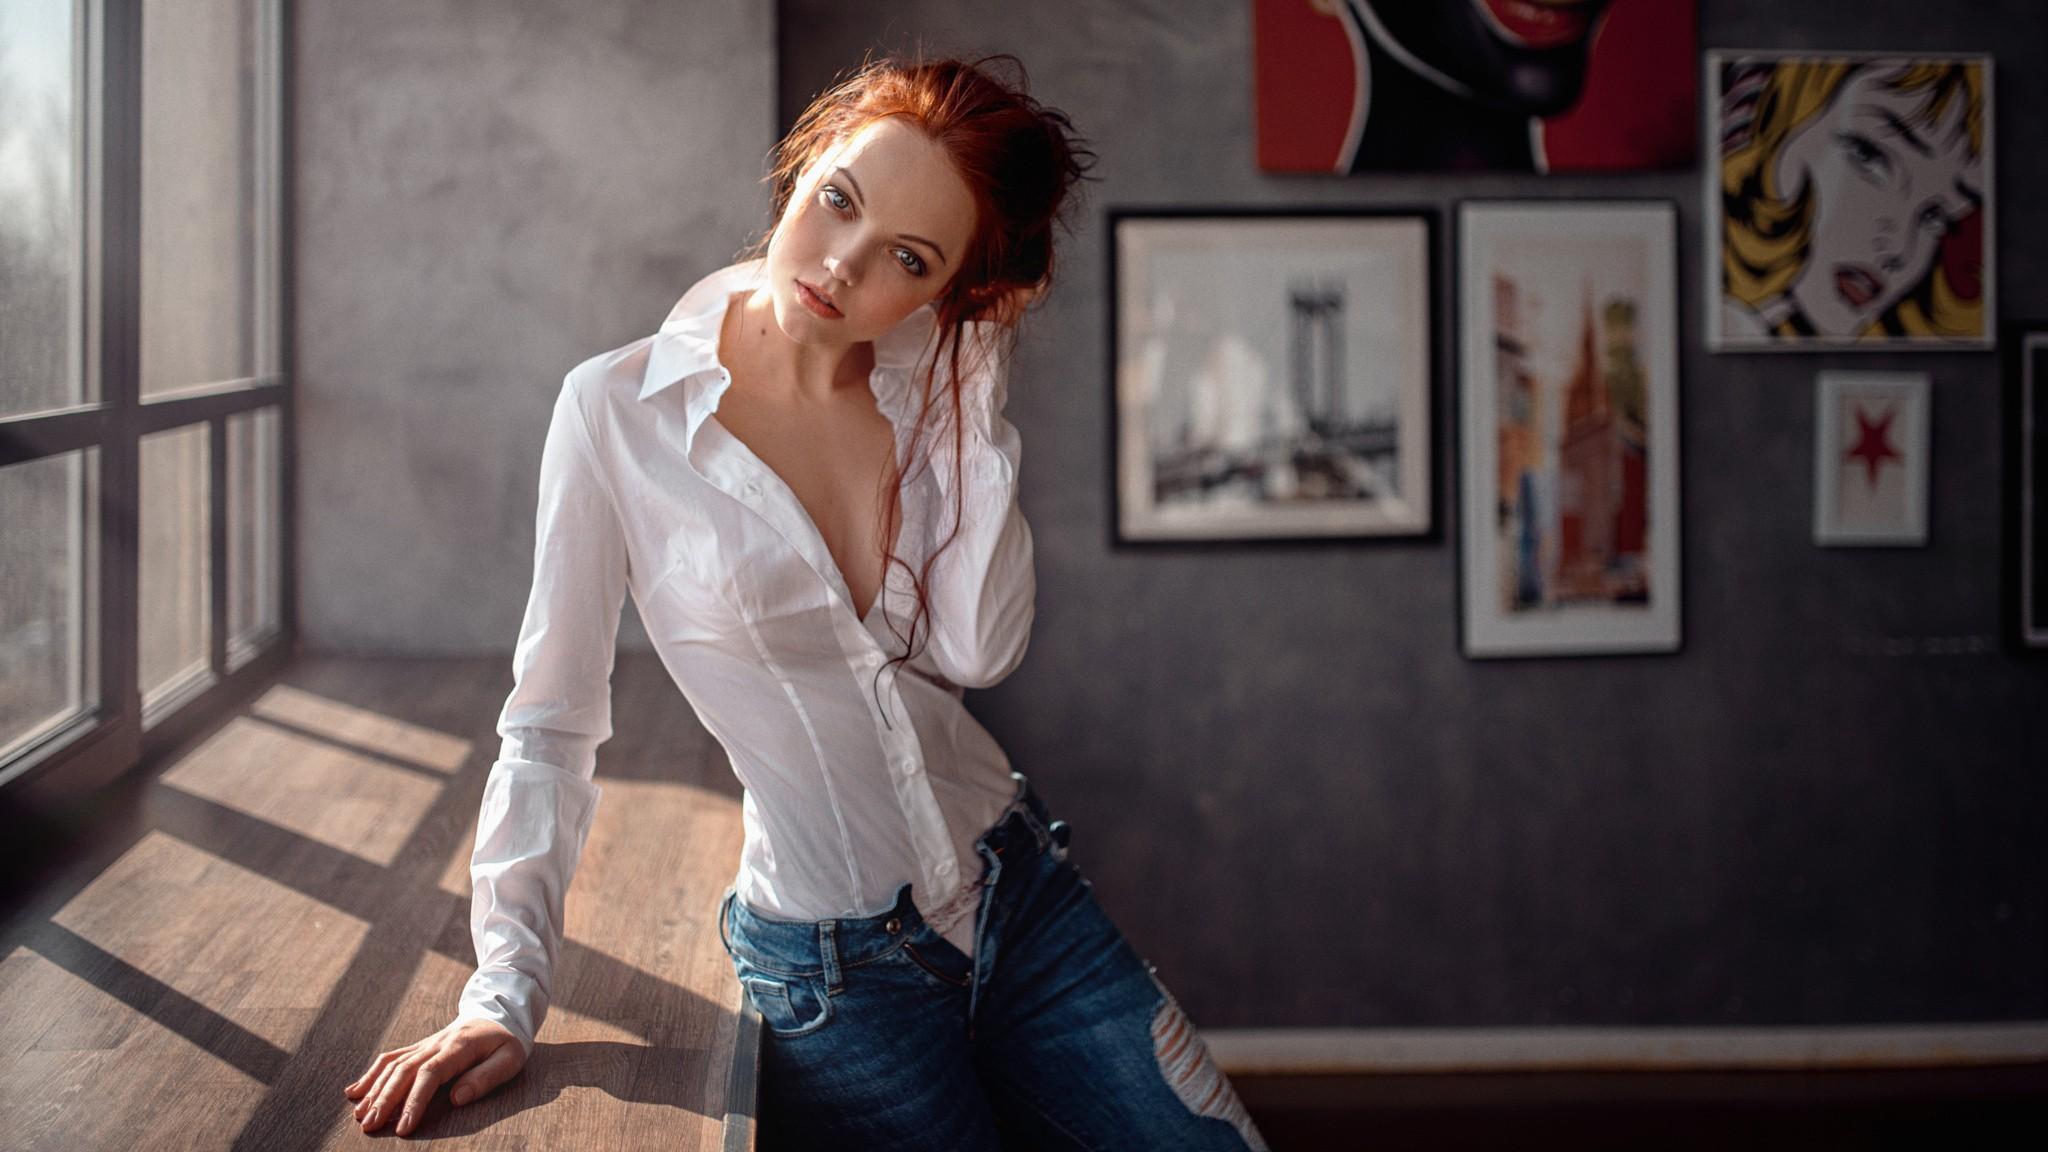 Фото девушек в блузках, Девушки в обтягивающих блузках ( 24 фото ) 7 фотография